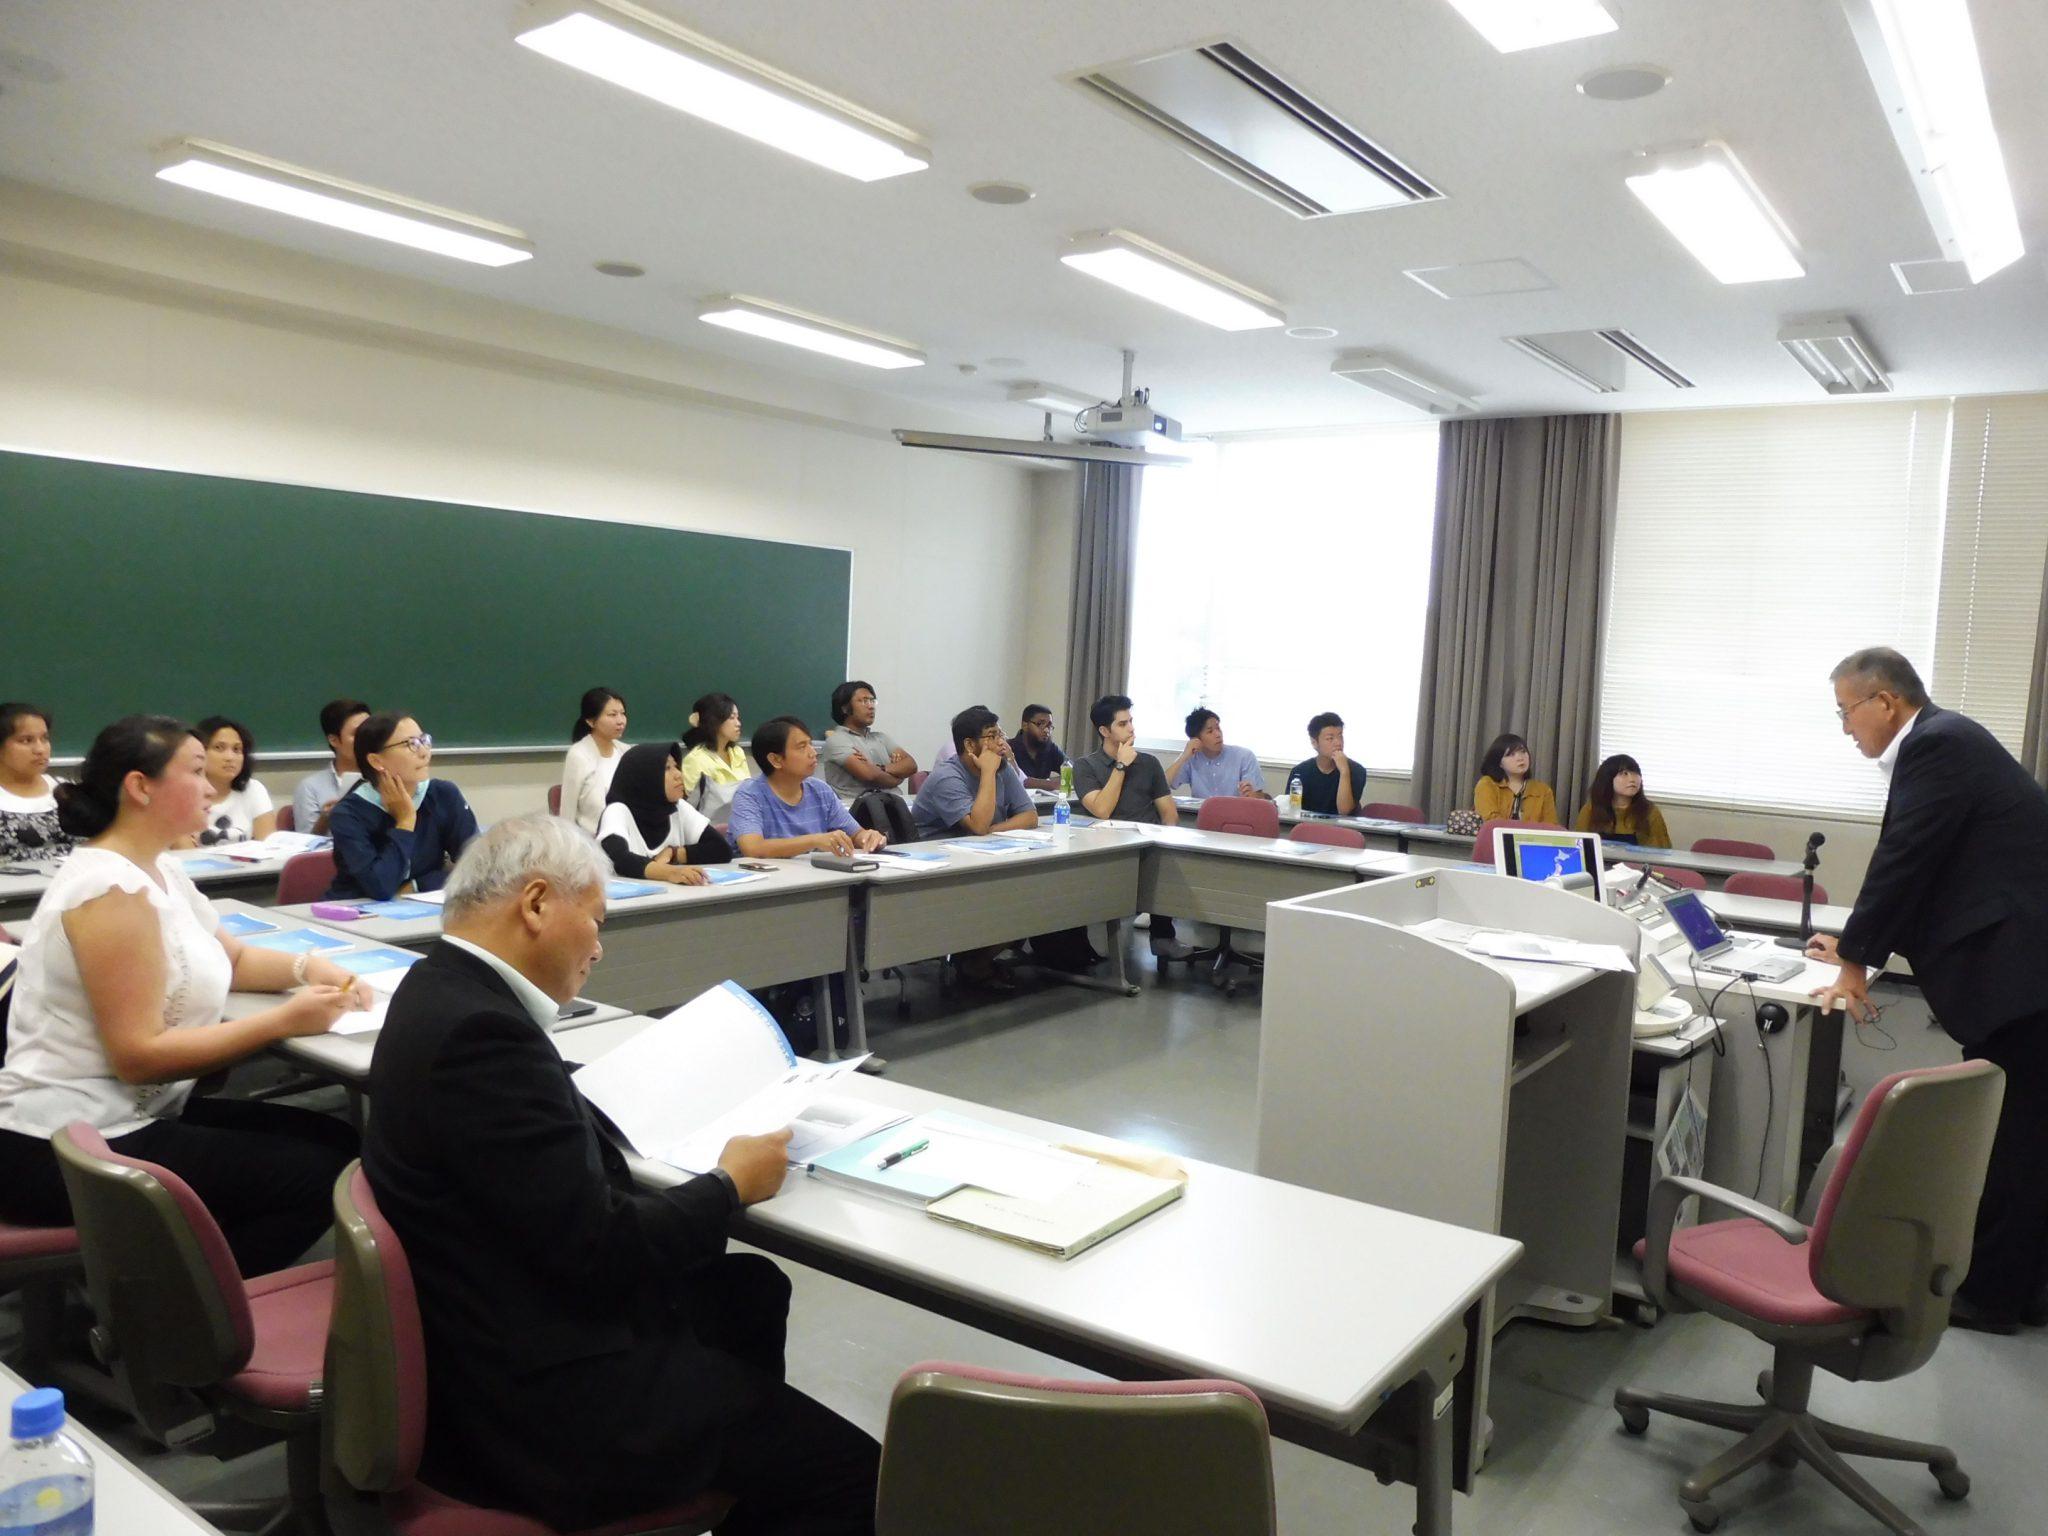 立命館大学で学ぶ留学生対象の日本企業理解プログラム